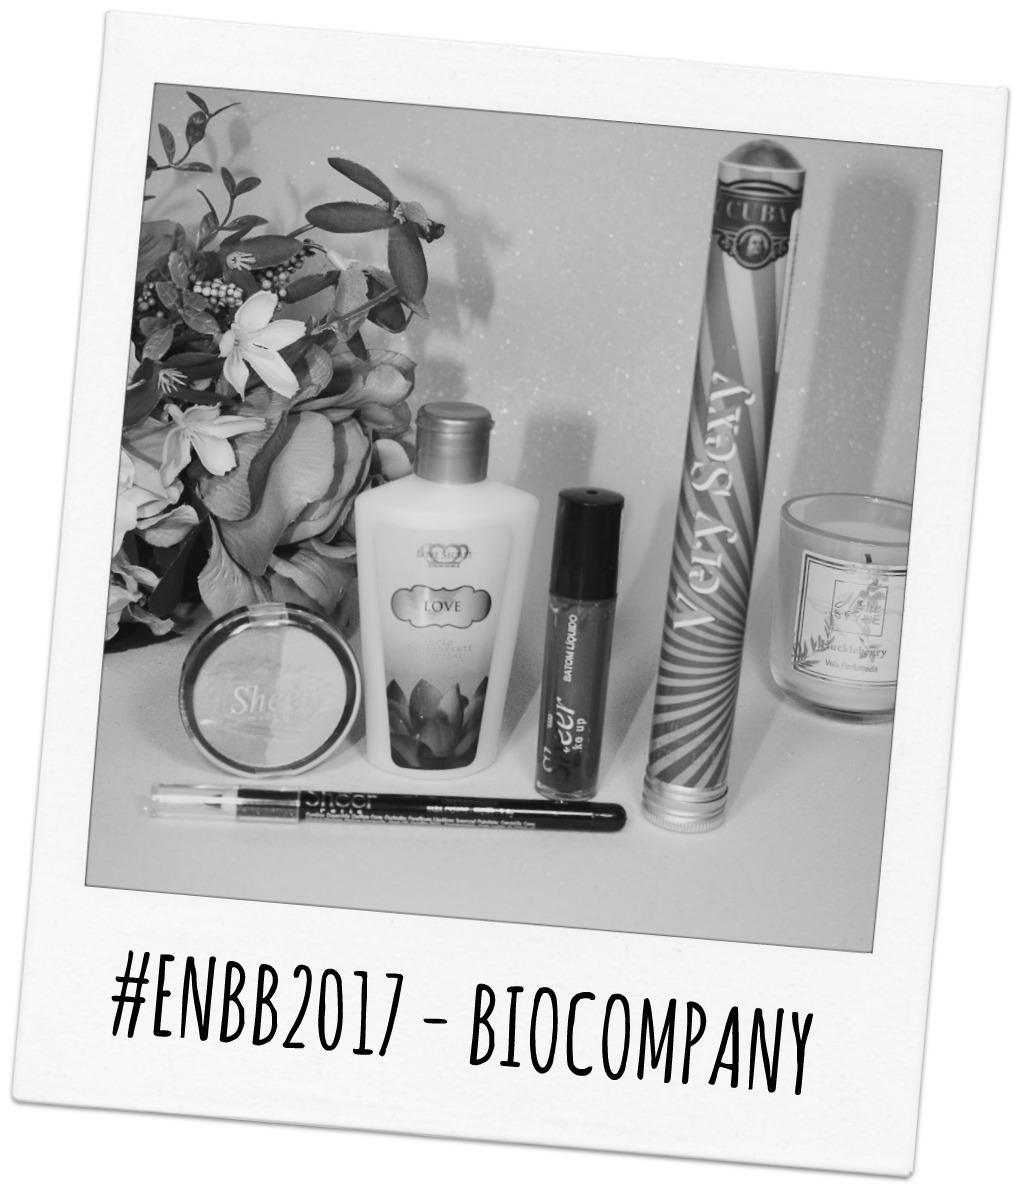 #ENBB2017 - BIO COMPANY